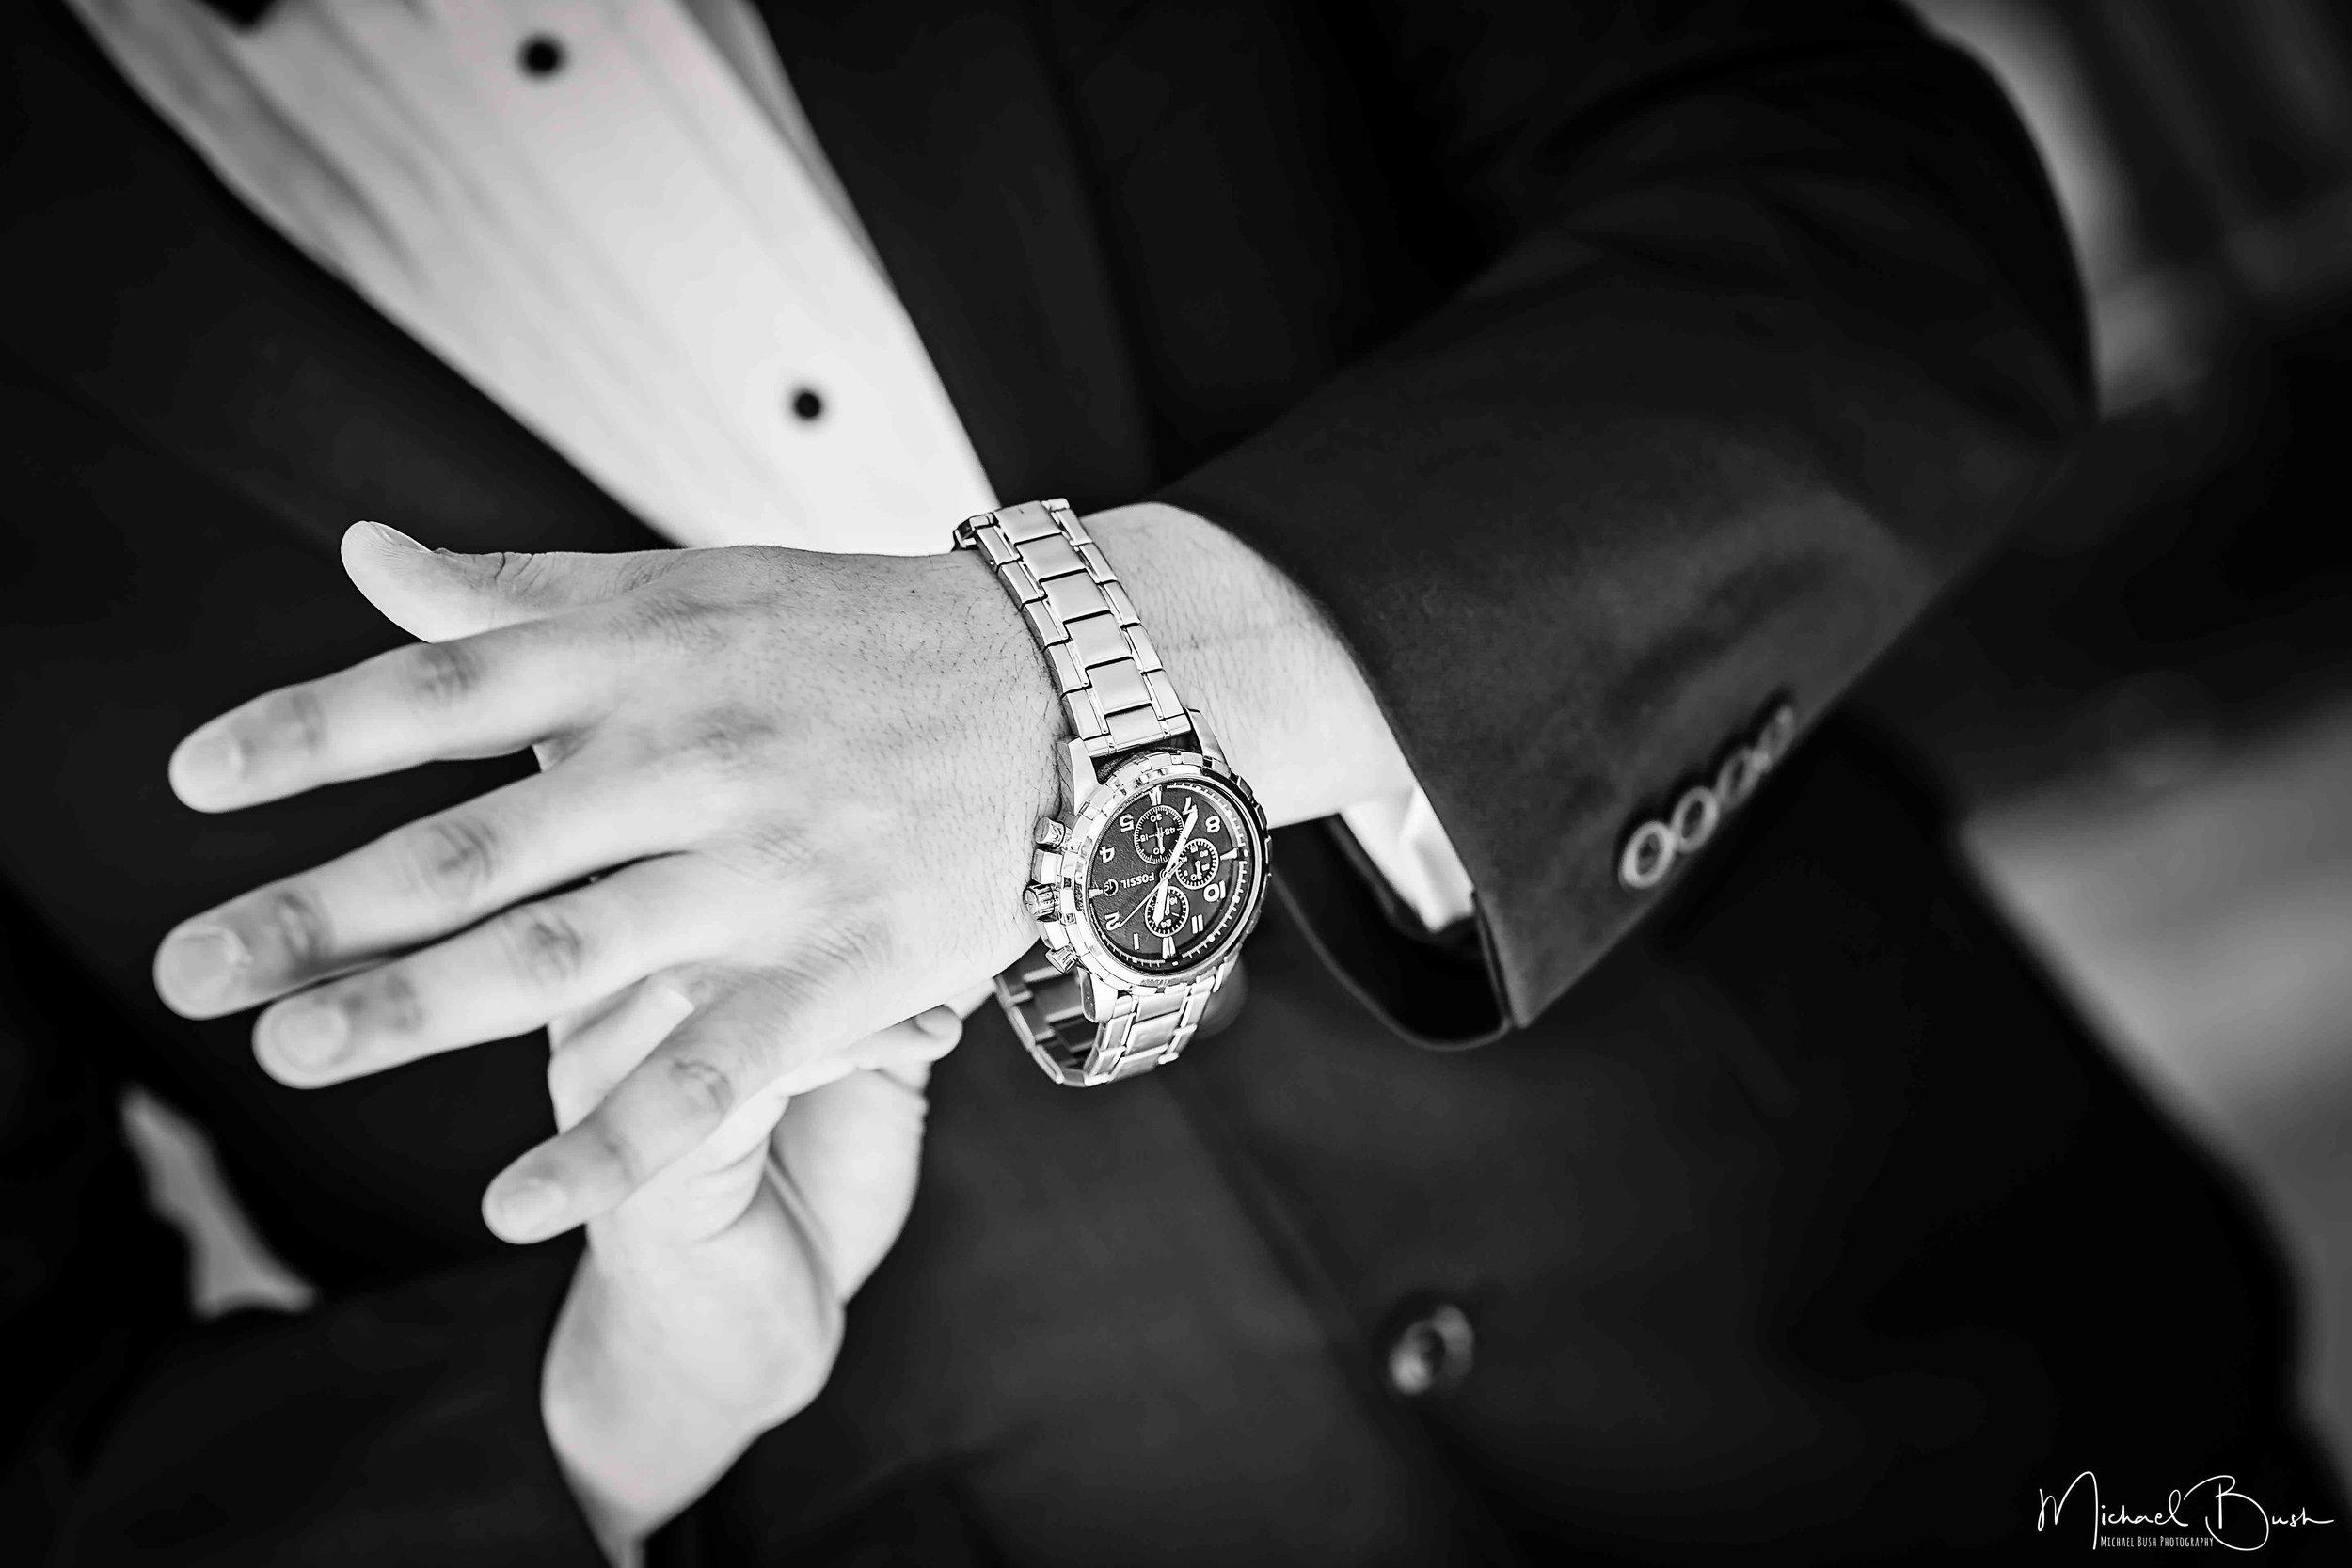 Wedding-Details-Groom-Fort Worth-b&w-Getting Ready-watch-rolex.jpg